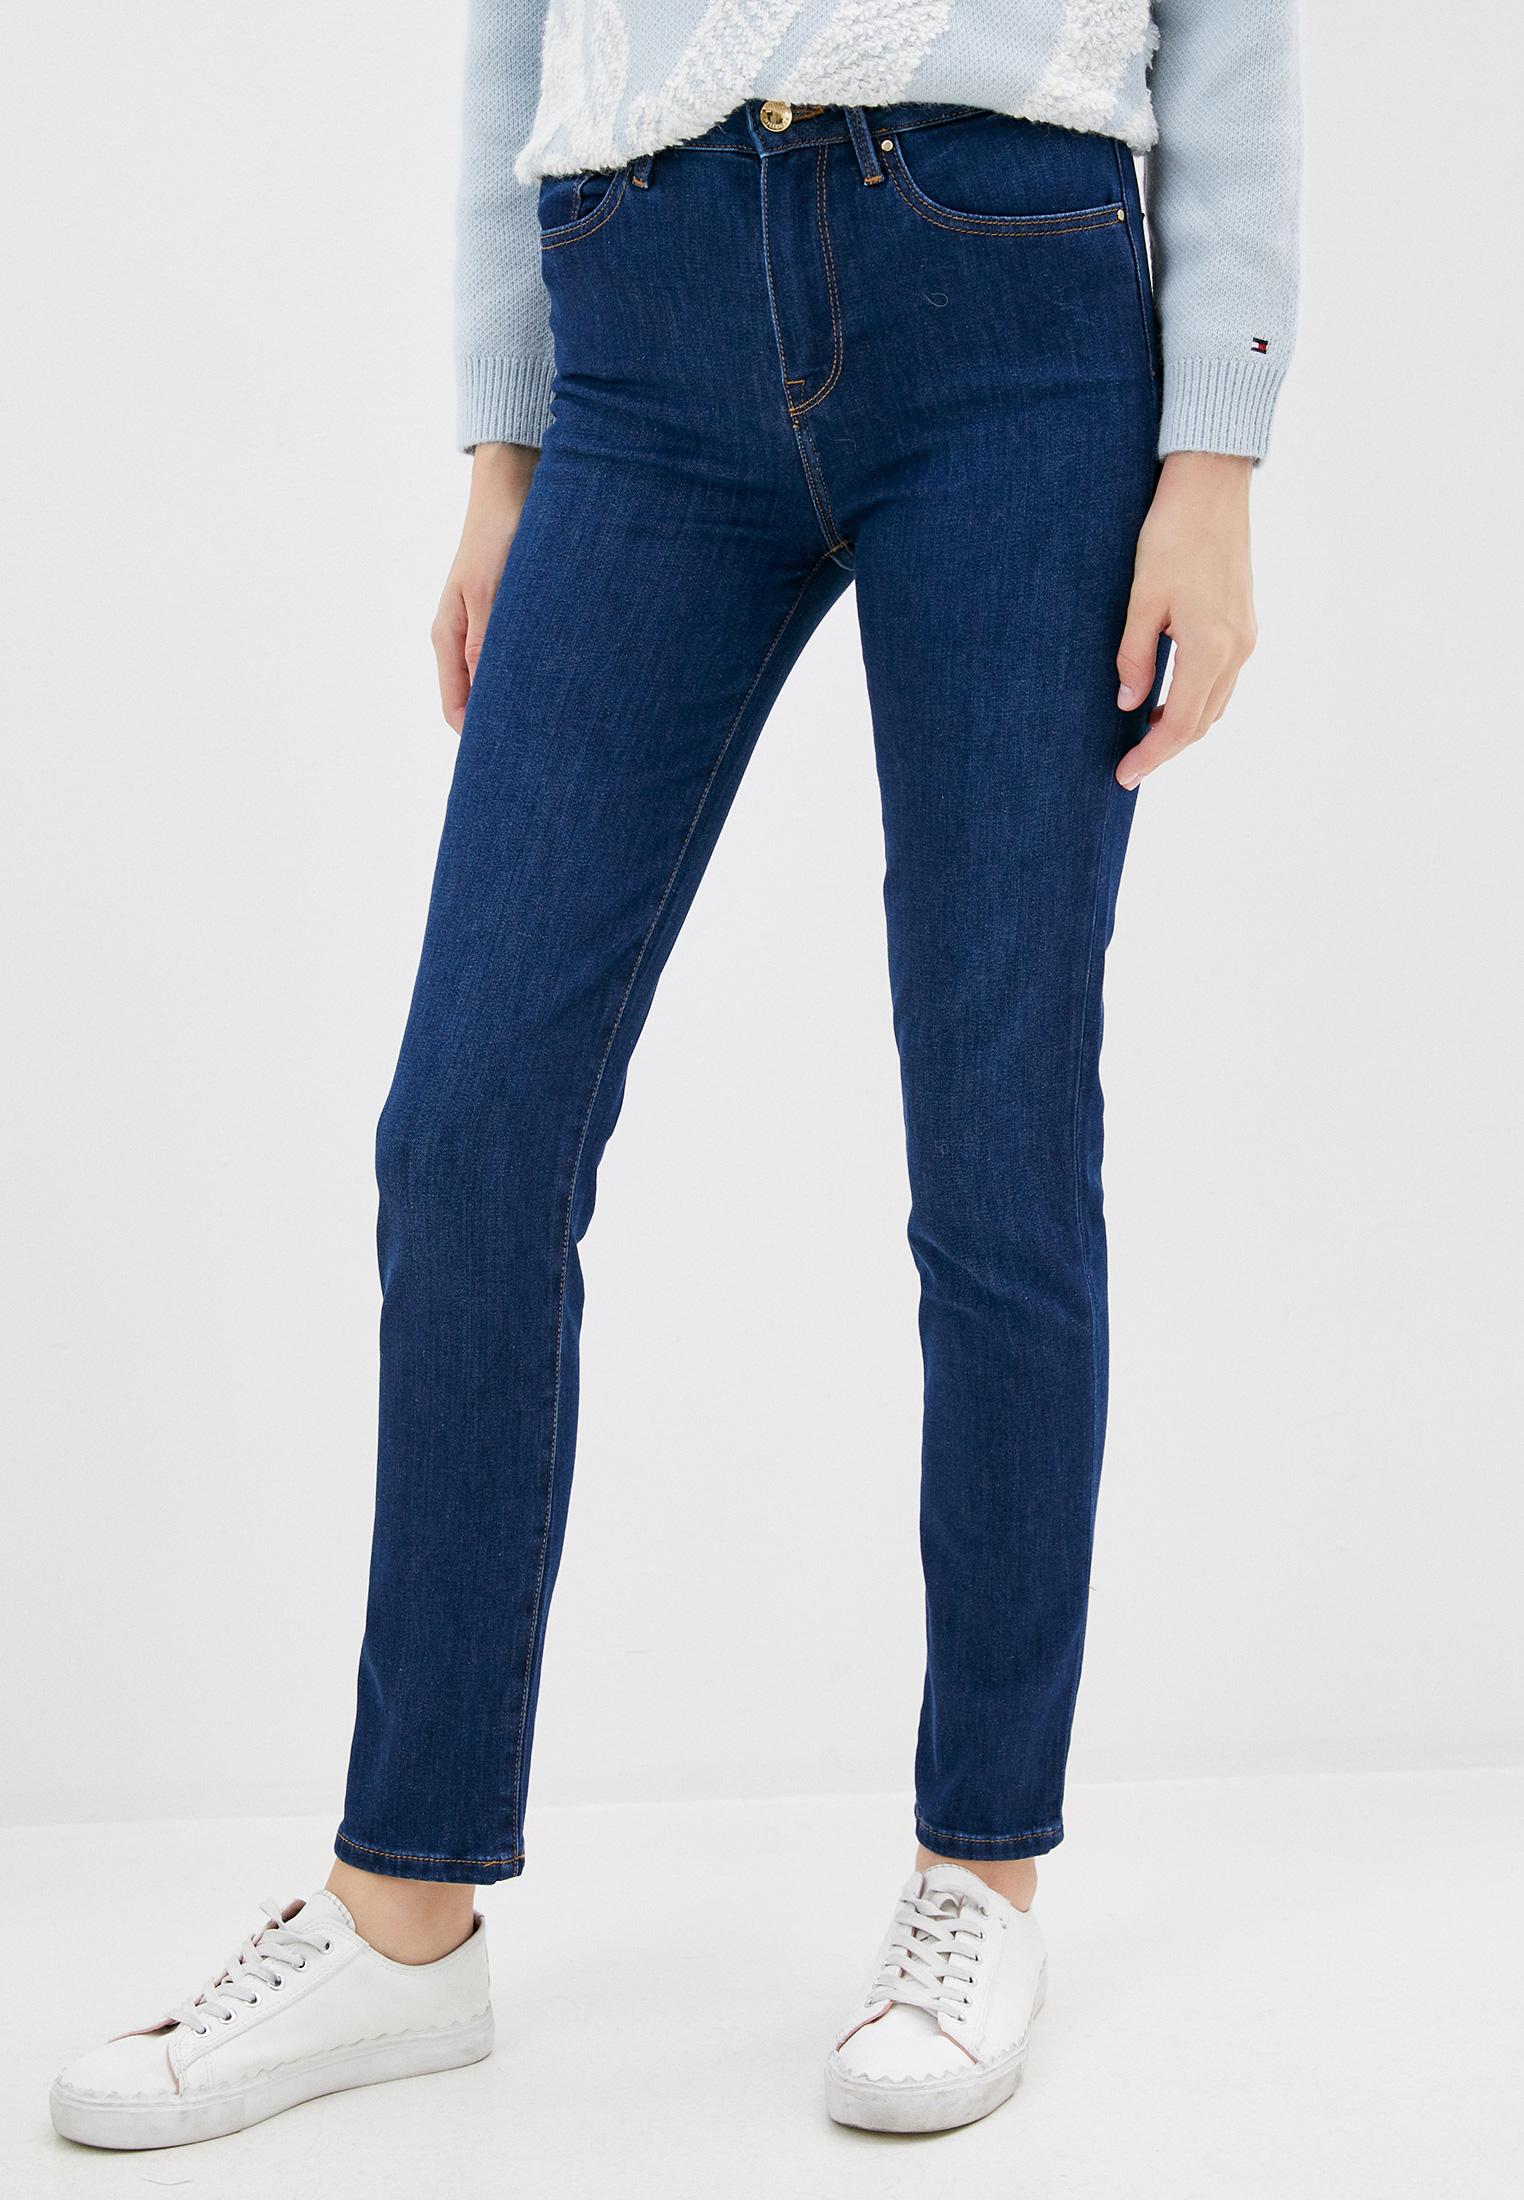 Зауженные джинсы Tommy Hilfiger (Томми Хилфигер) WW0WW28829: изображение 1